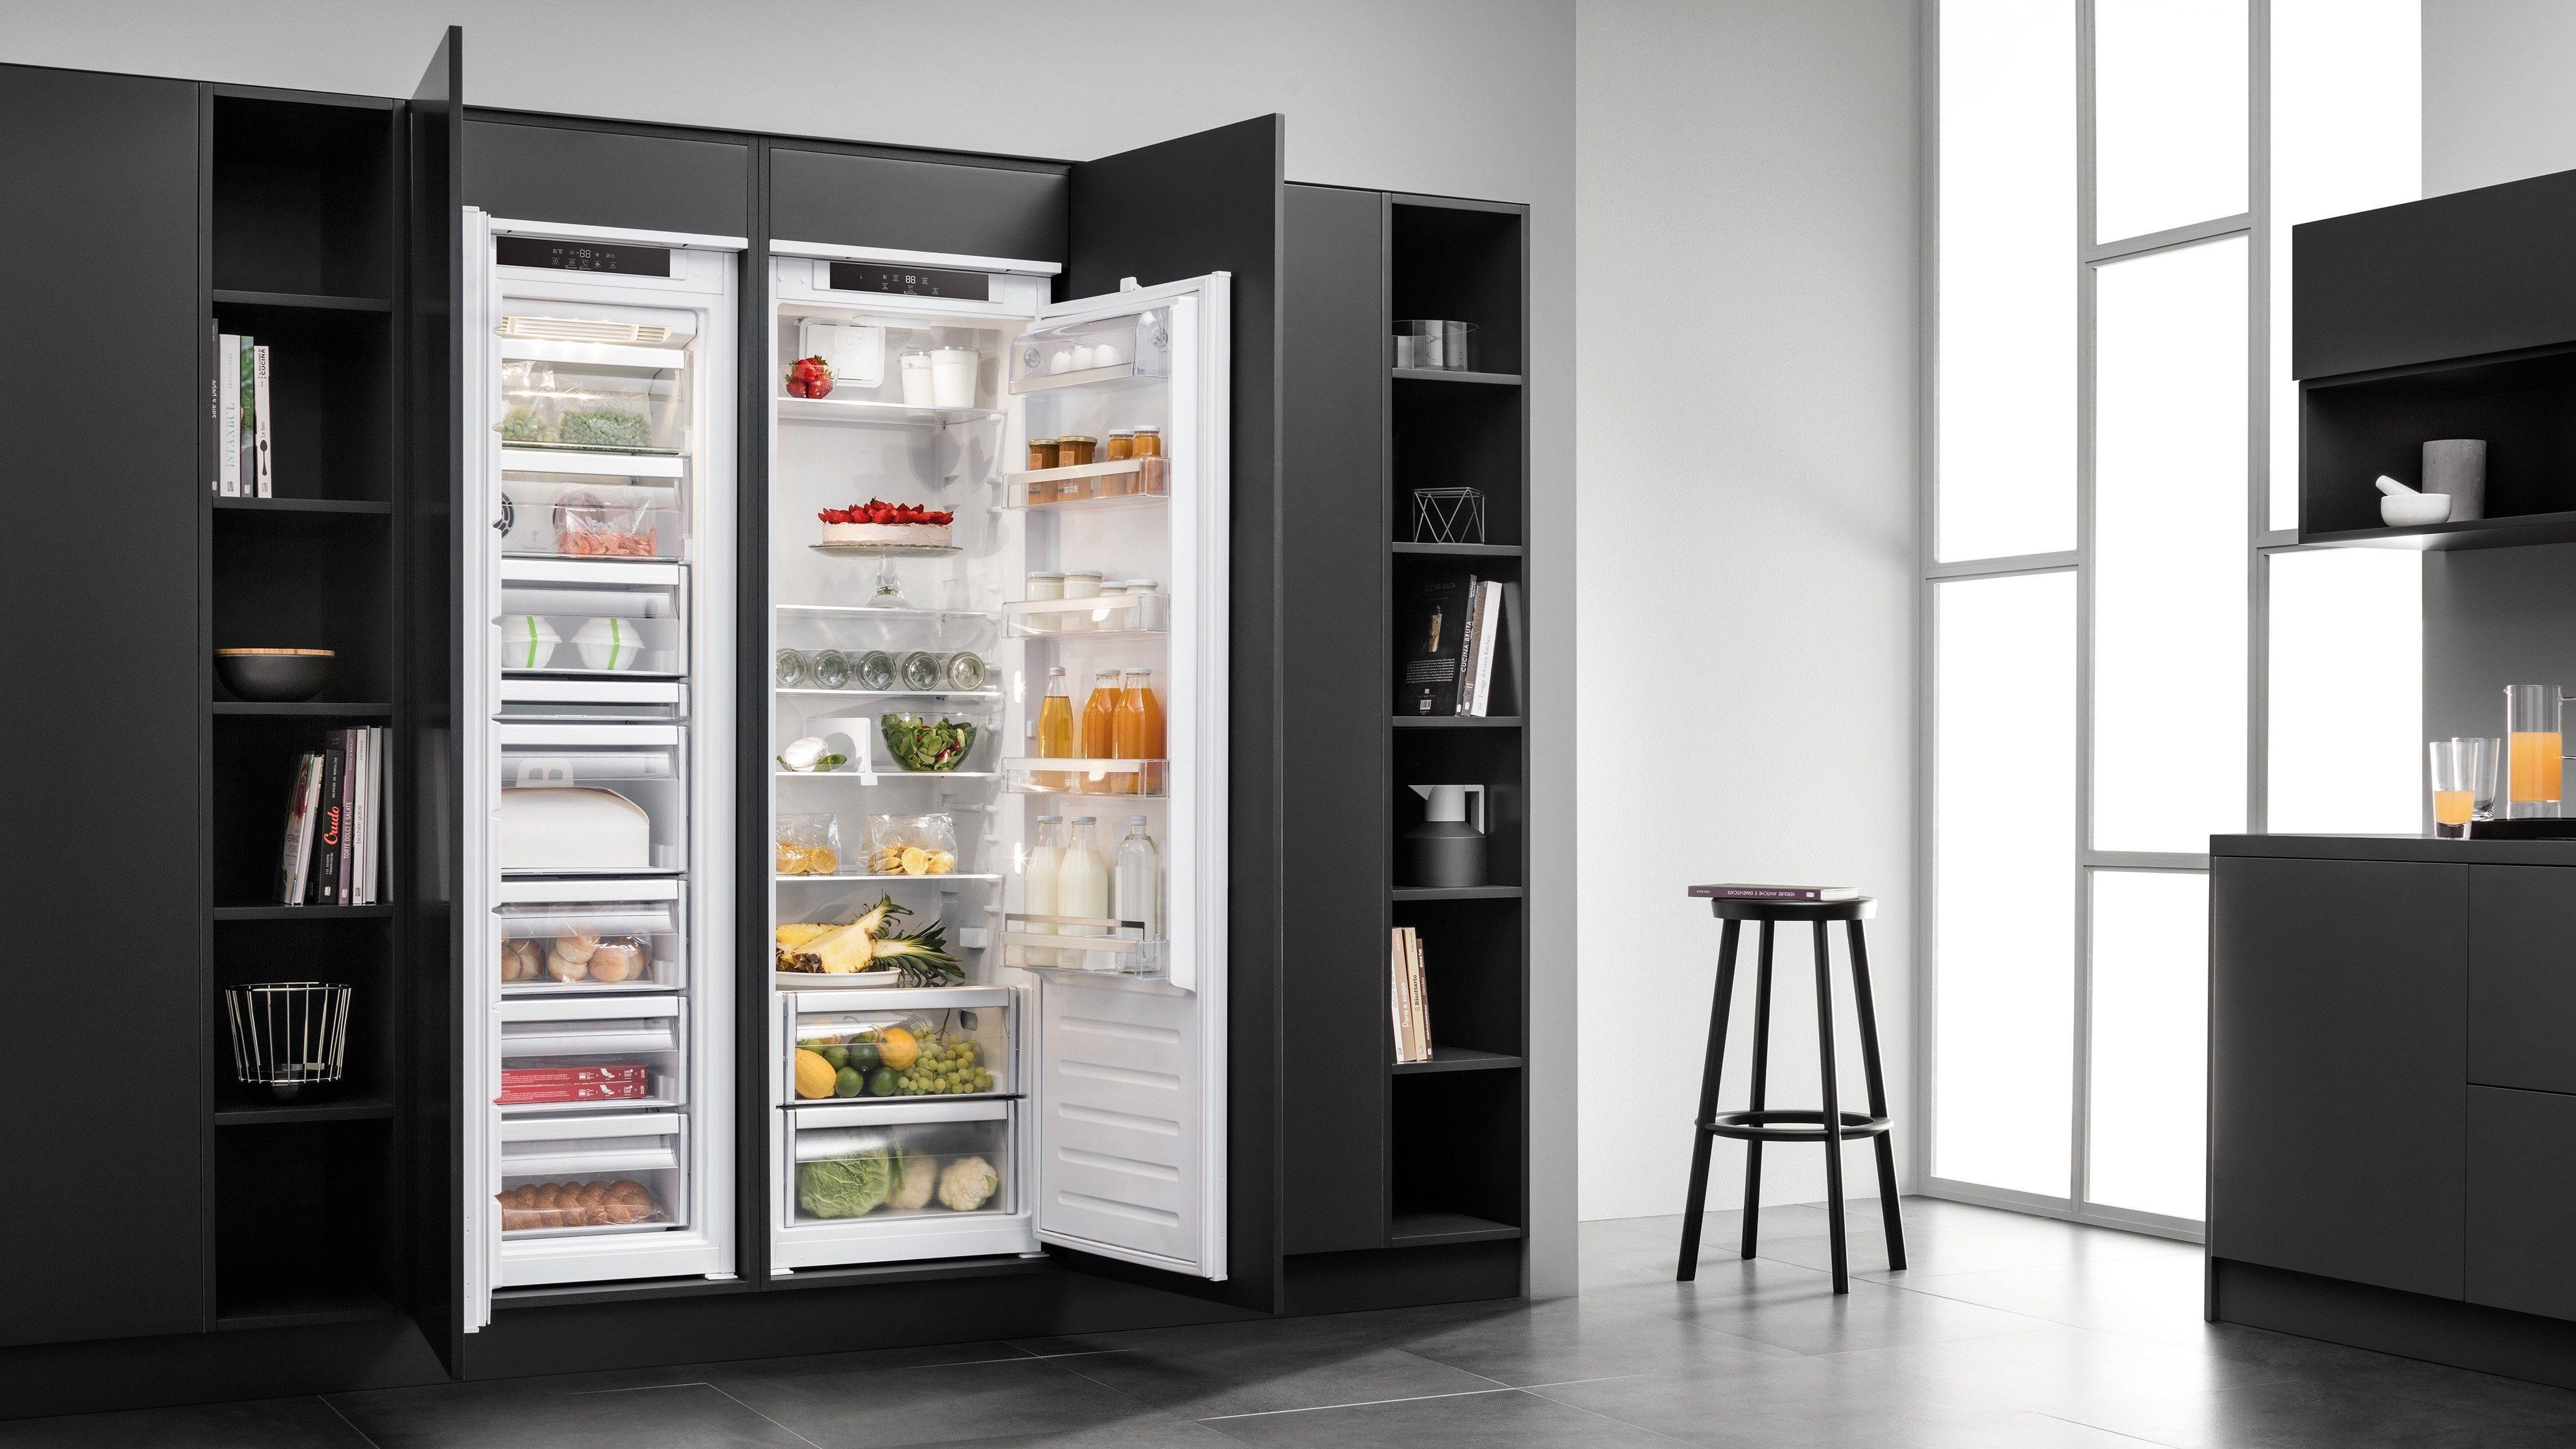 Gorenje Kühlschrank Abtauautomatik : Amk die geschichte des kühlschranks ce electro